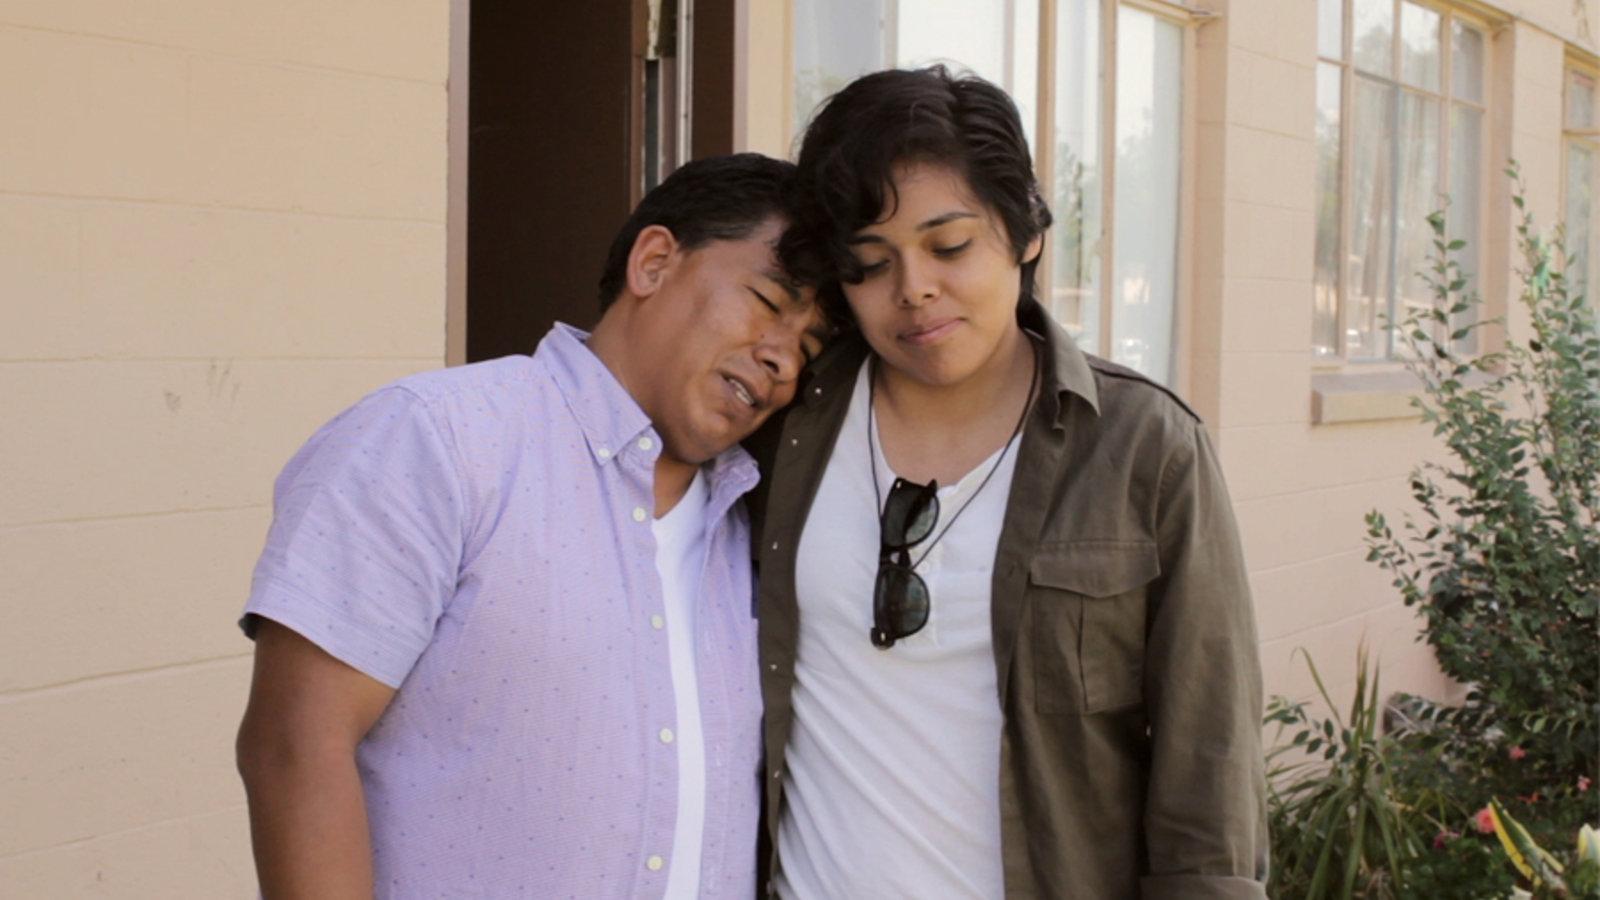 El Canto del Colibri - Latino Immigrant Men and Their LGBTQ Family Members